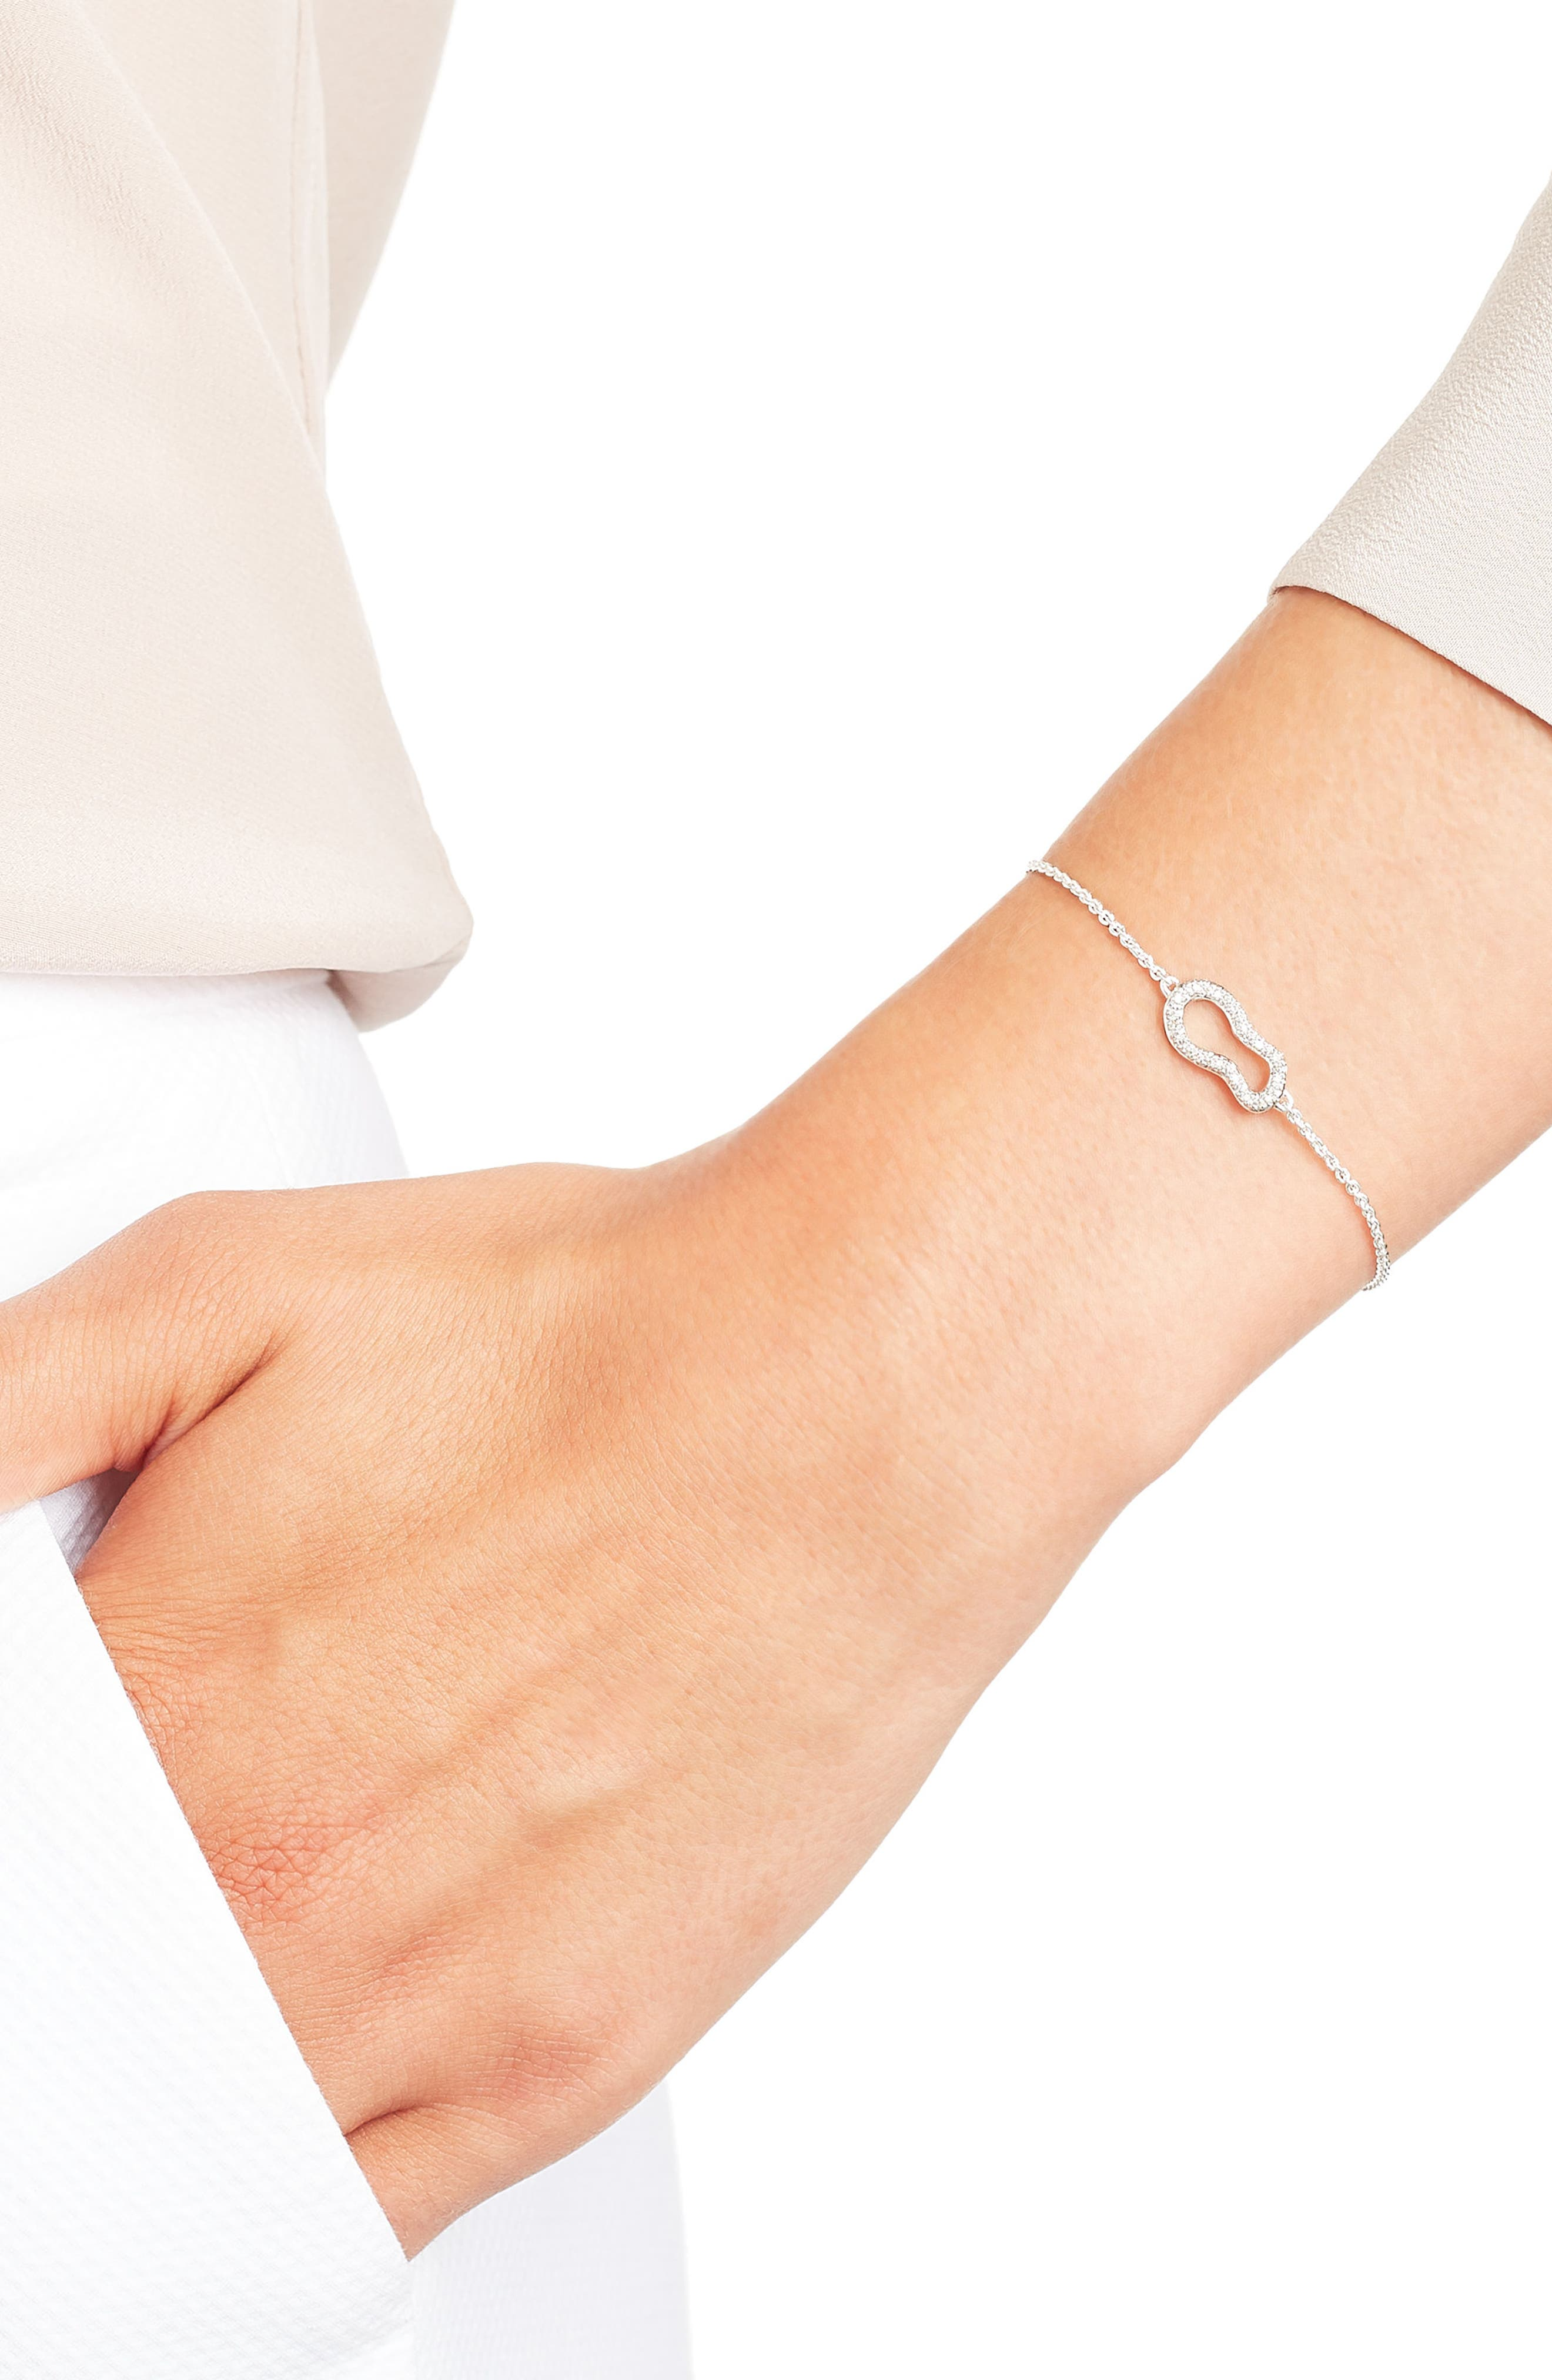 Riva Diamond Bracelet,                             Alternate thumbnail 4, color,                             ROSE GOLD/ DIAMOND